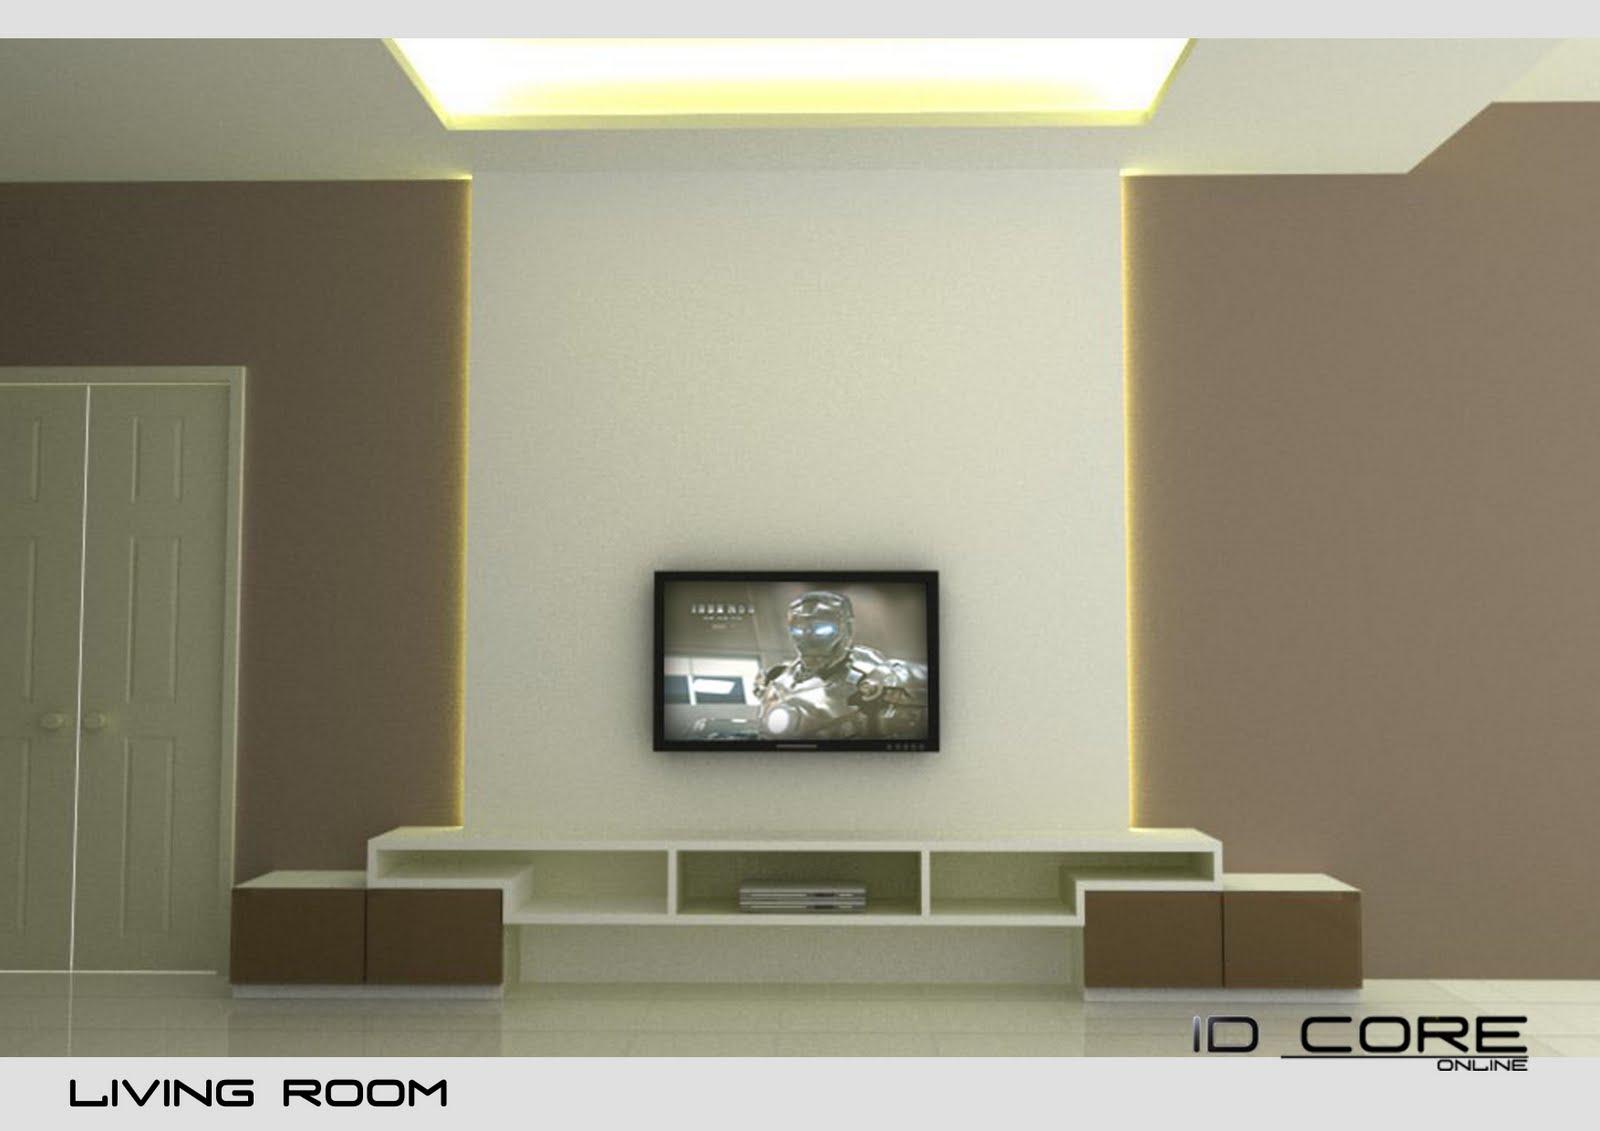 living room tv cabinet design living room interior designs. Black Bedroom Furniture Sets. Home Design Ideas